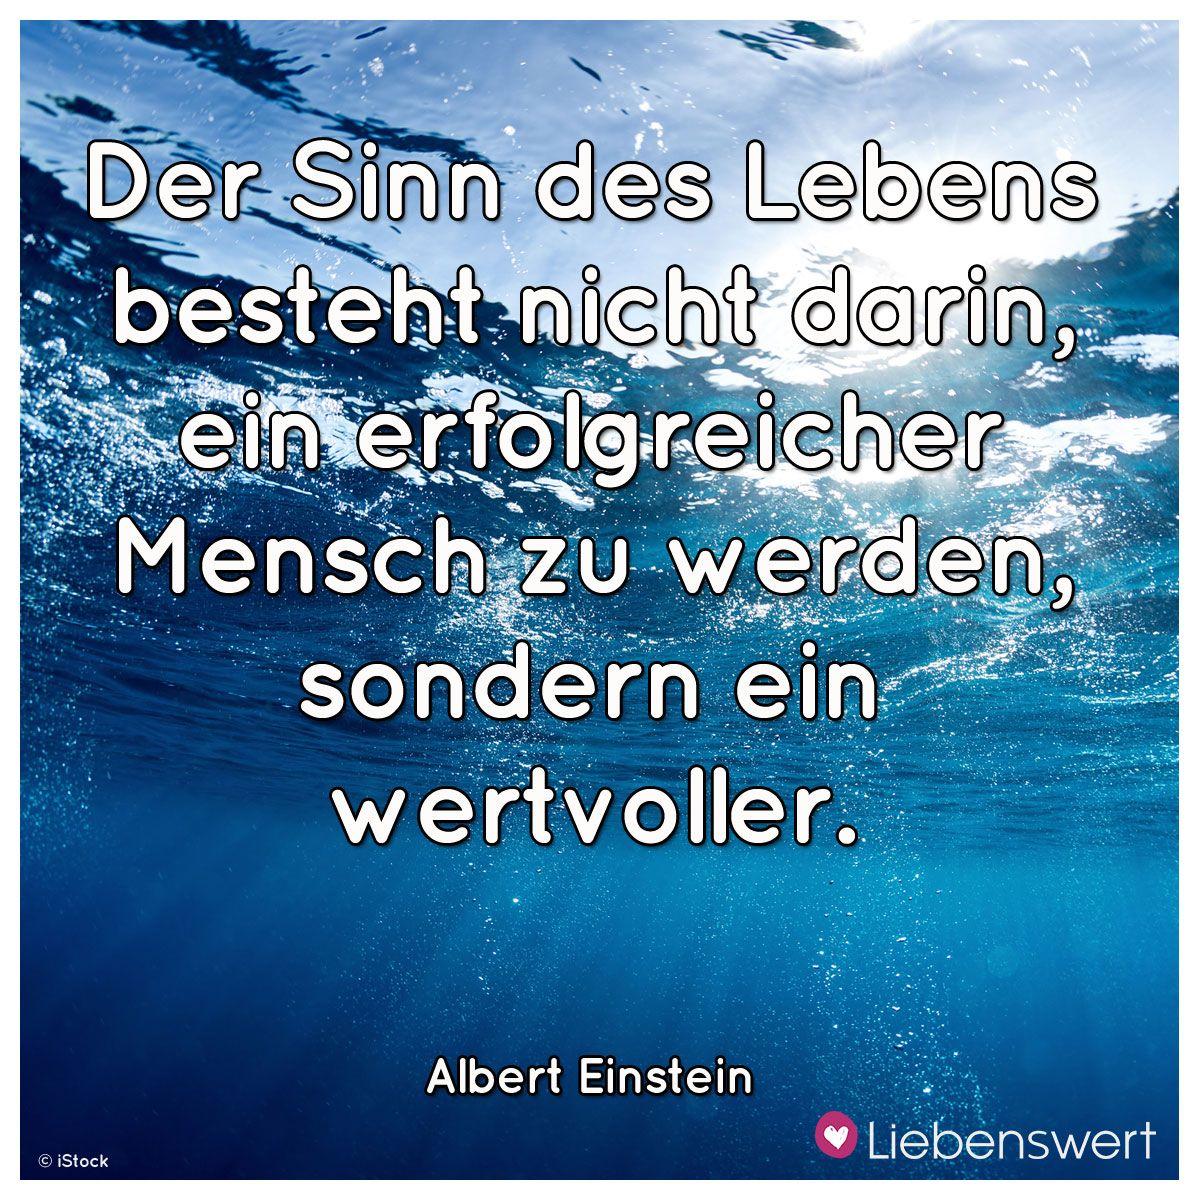 Inspirierende Spruche Uber Das Leben Einstein Zitate Spruche Einstein Sinn Des Lebens Zitate